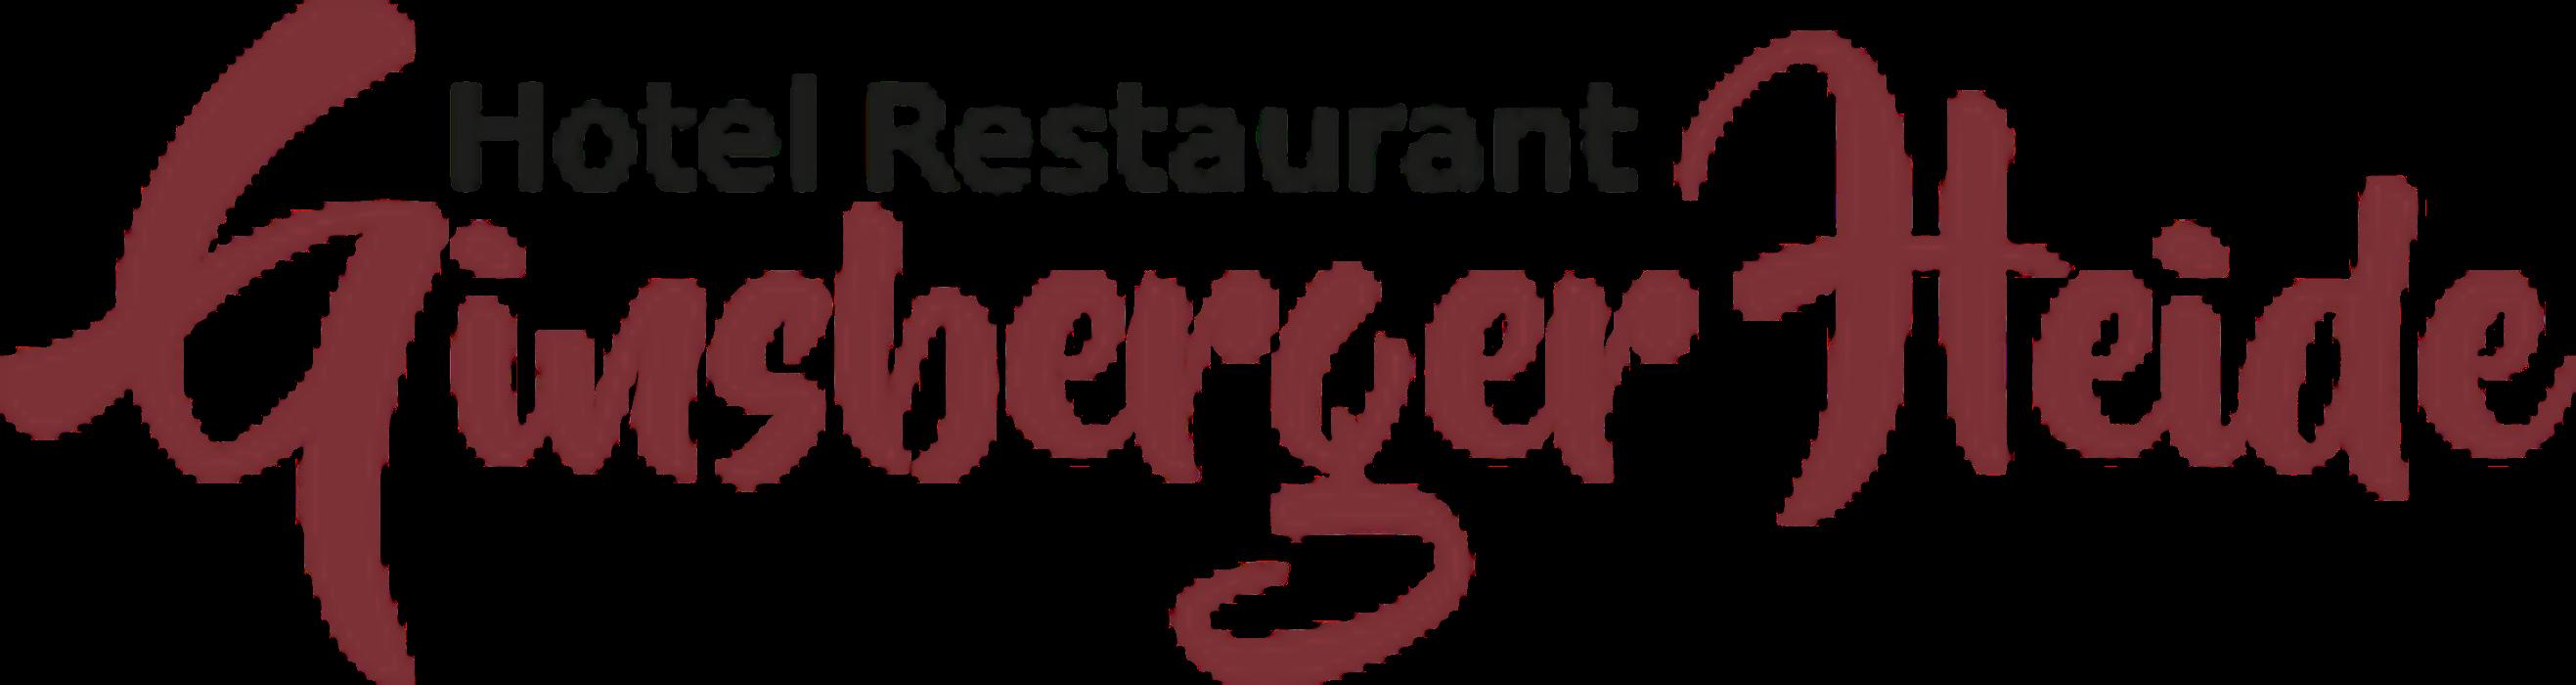 Bild zu Hotel - Restaurant Ginsberger Heide in Hilchenbach